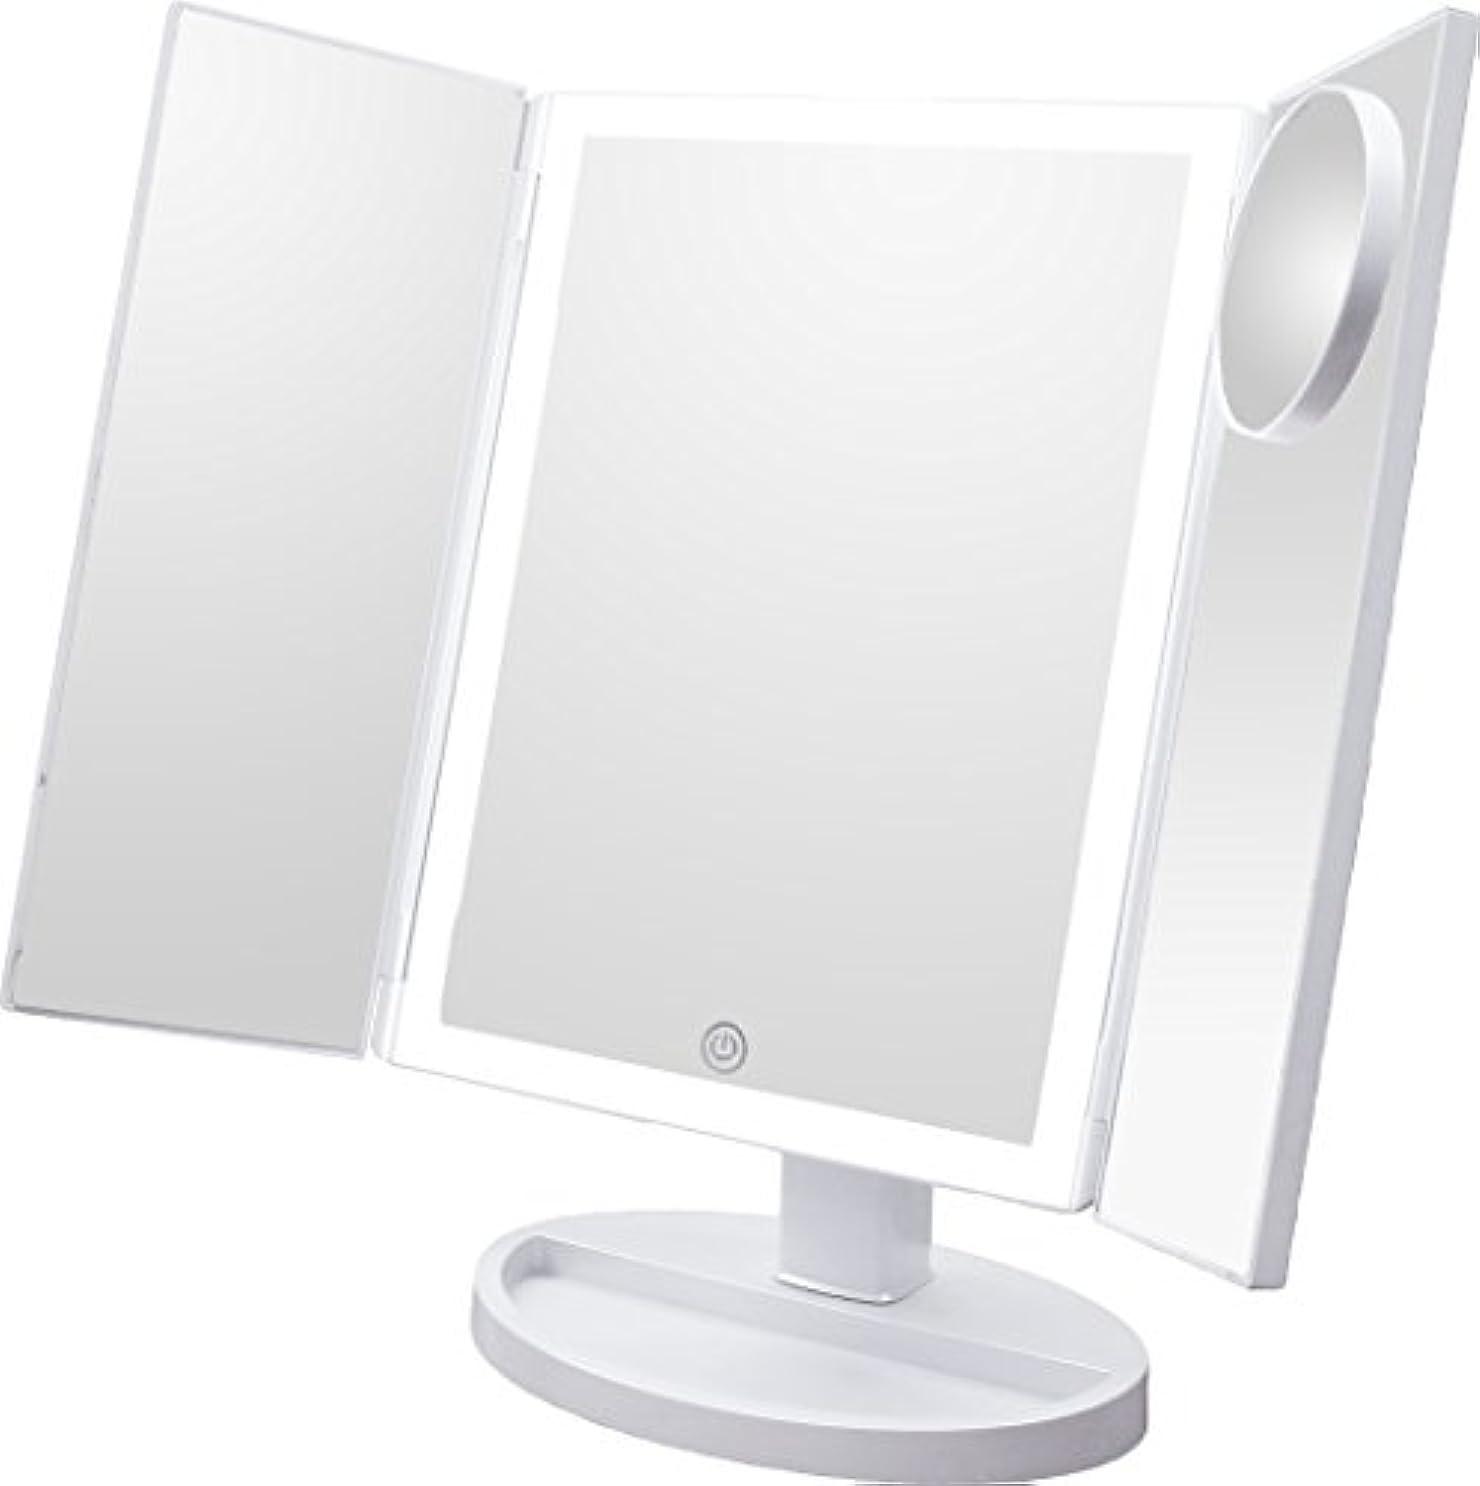 追い越すトリクル気まぐれなLEDミラー LEDバー 3面鏡 10倍拡大鏡付き 女優ミラー メイクミラー ブライトミラー 卓上ミラー スタンドミラー (ホワイト)